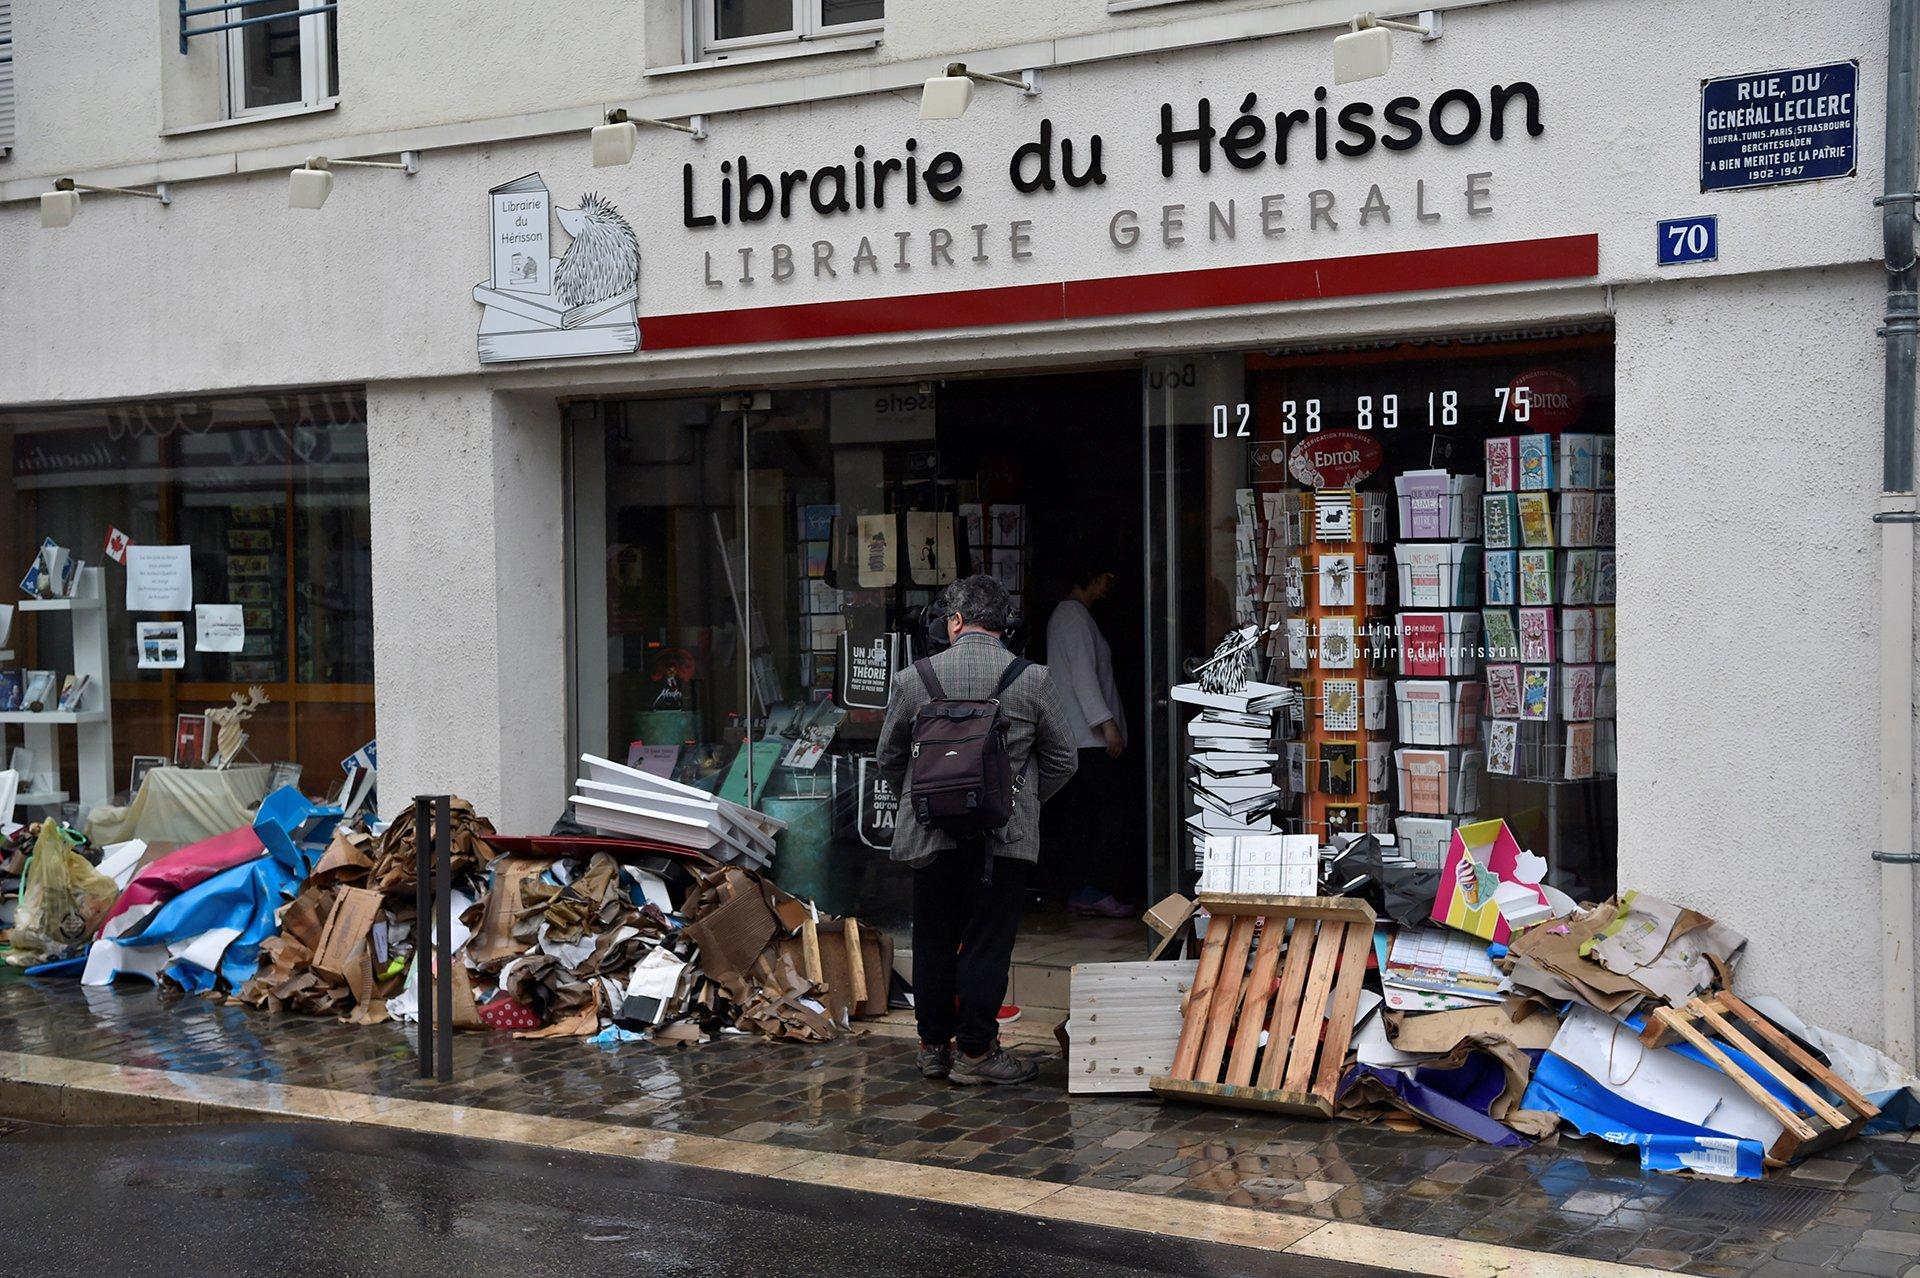 Una librería del centro de París improvisó protecciones contra el agua